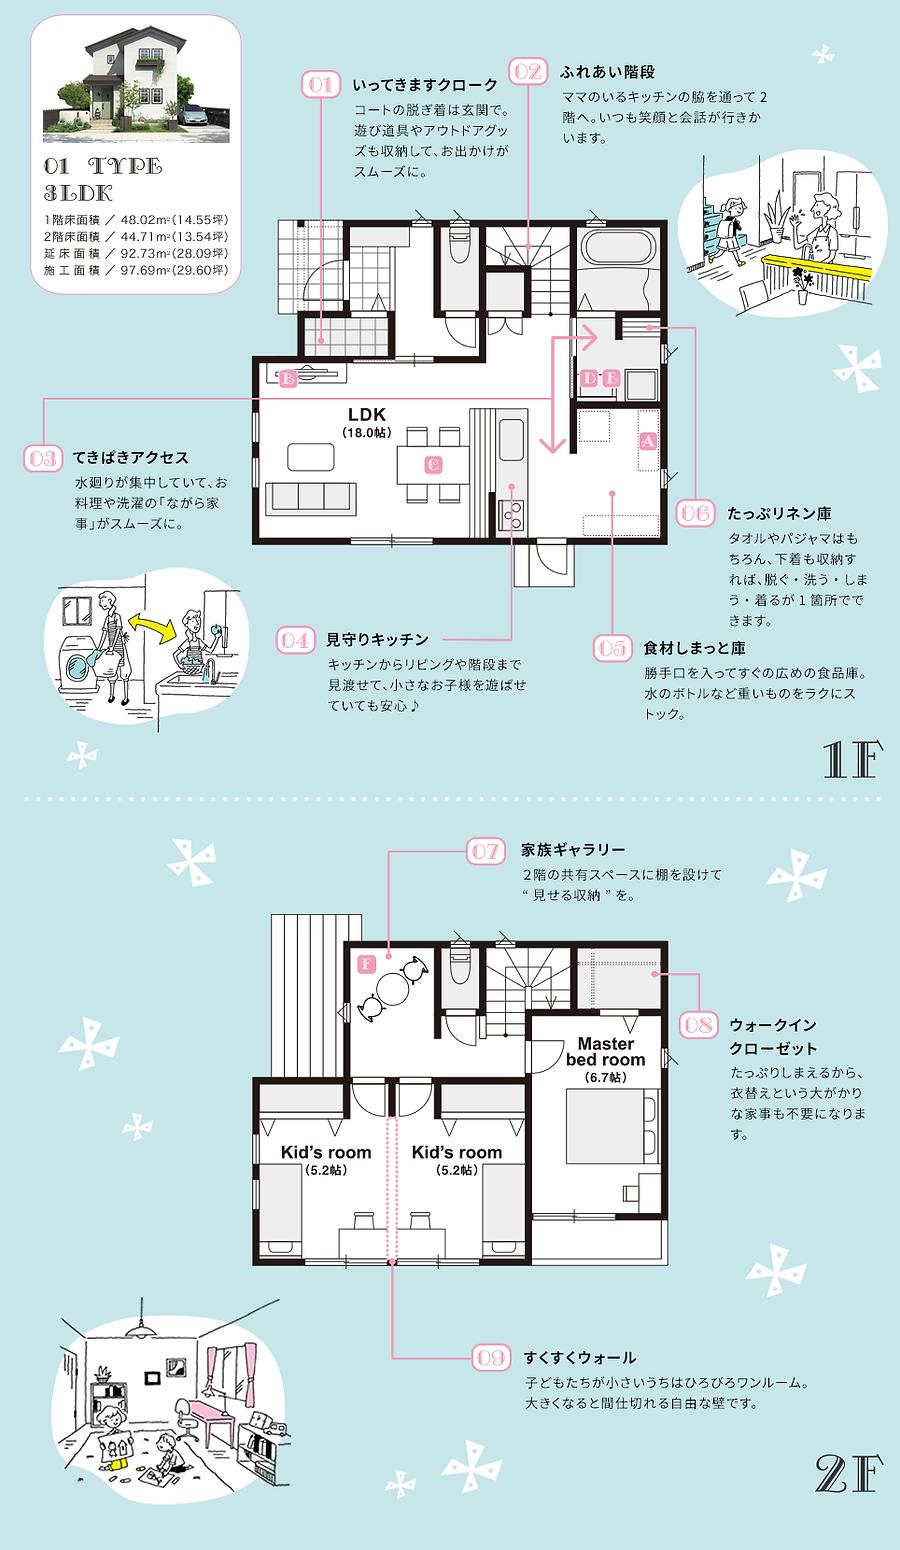 整頓,家,階段,リネン庫,ウォークインクローゼット